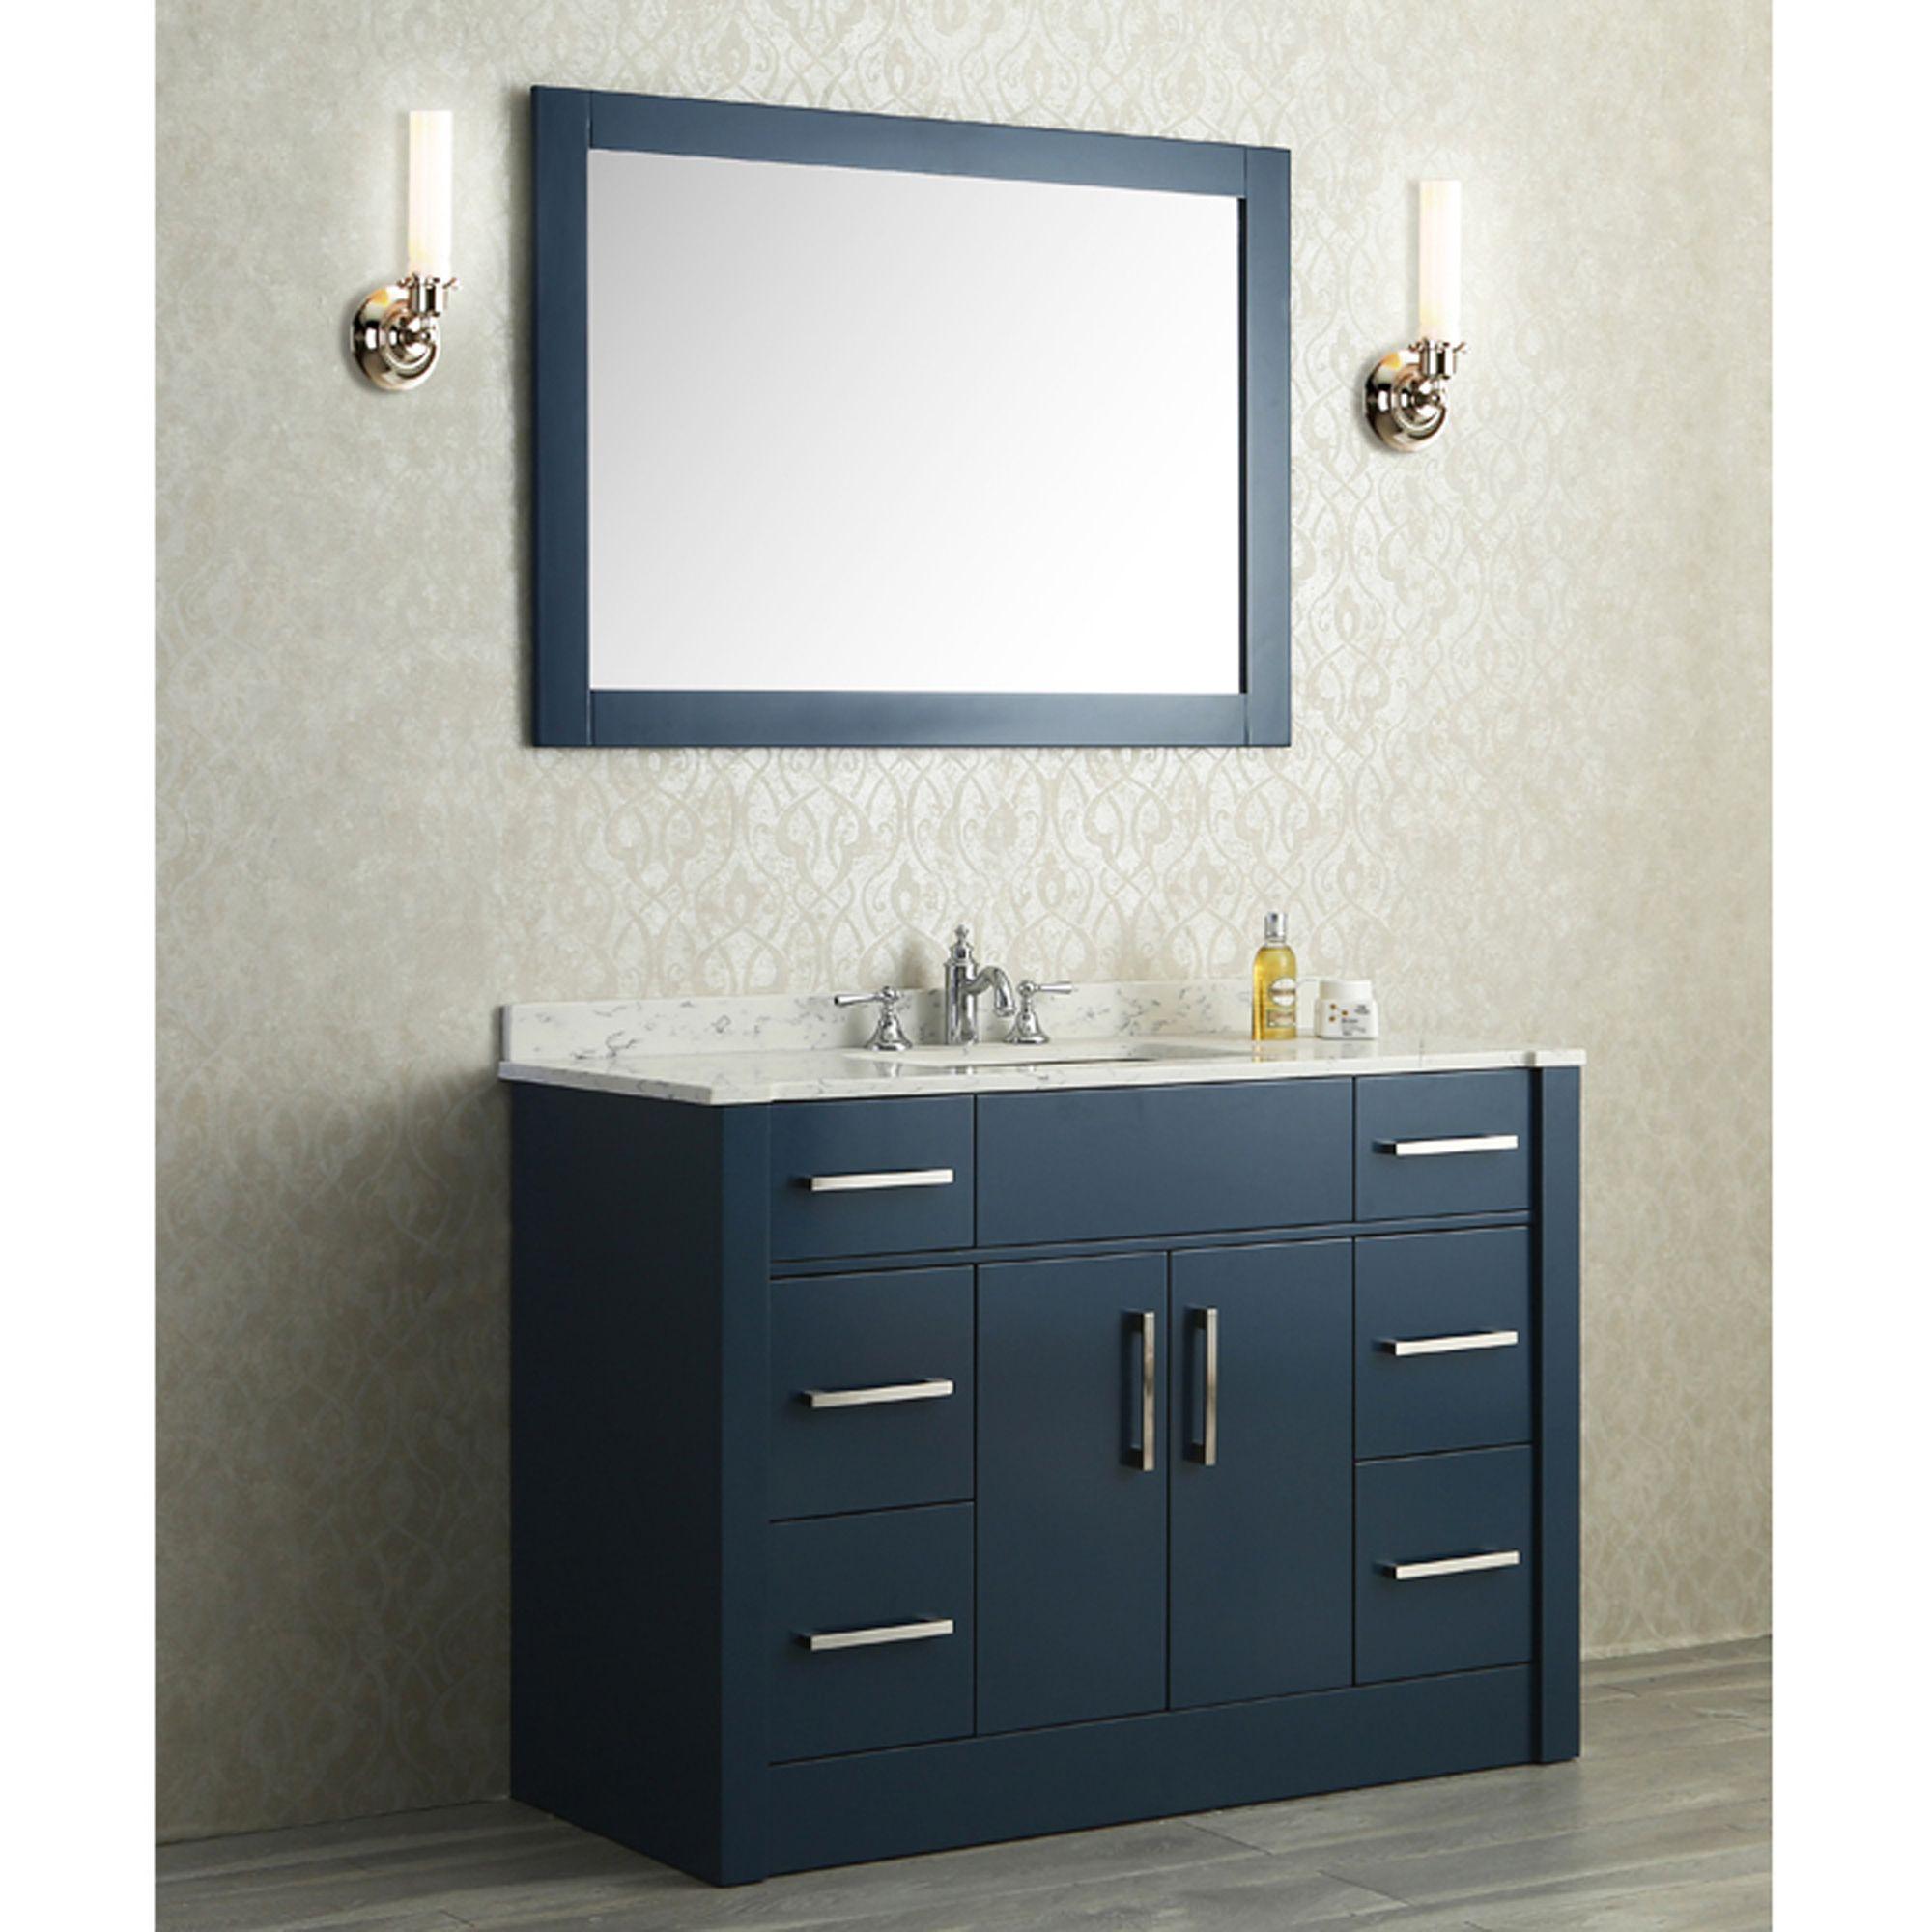 48 In 2020 42 Inch Bathroom Vanity Single Sink Vanity Single